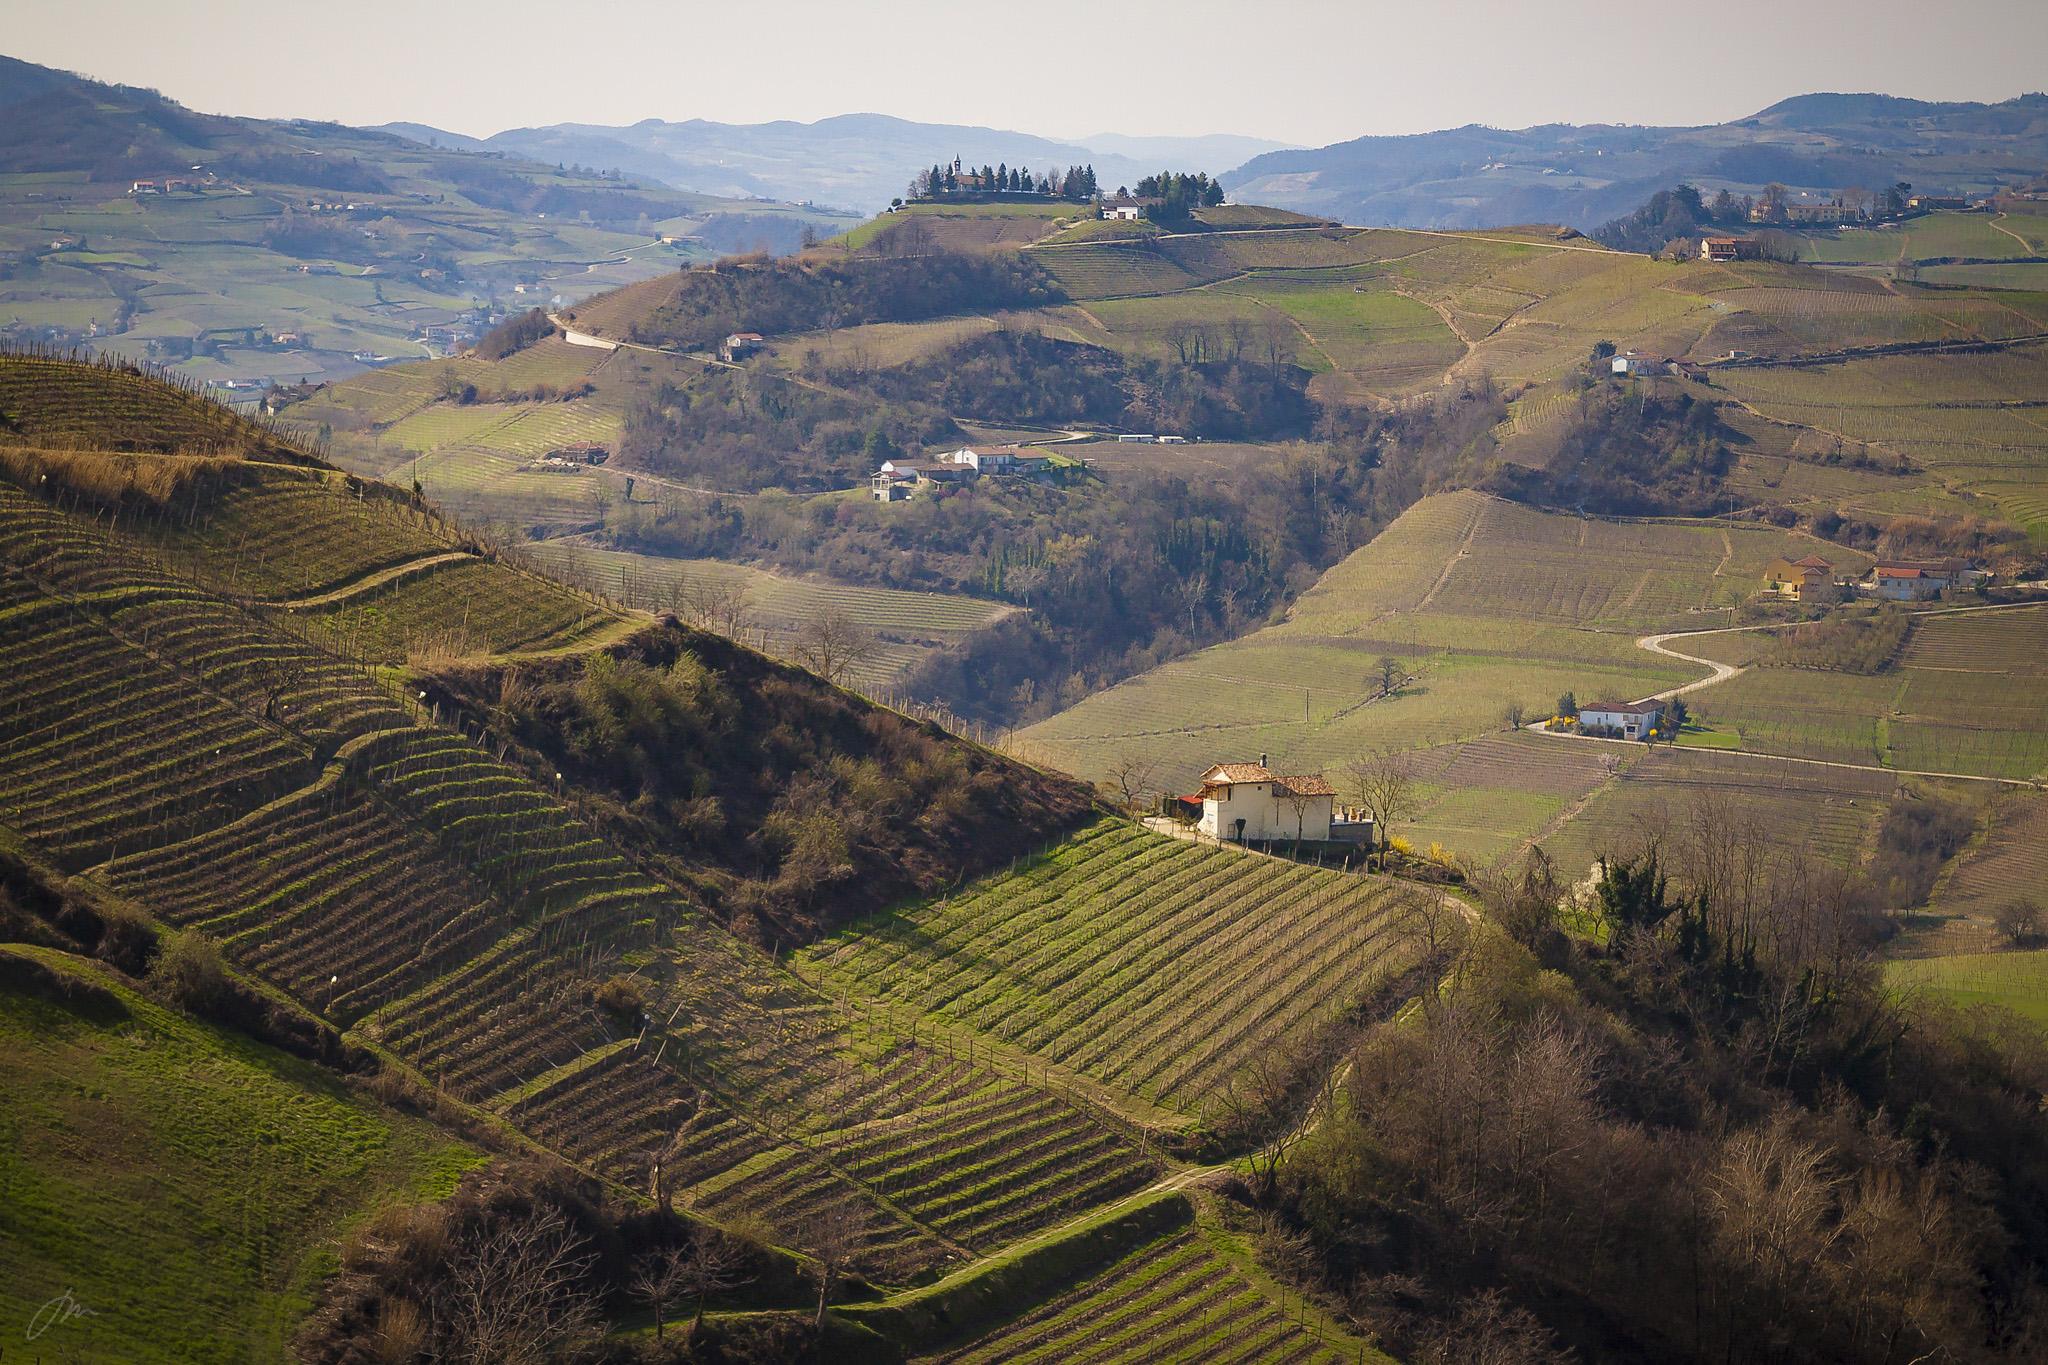 Vinmarker, Piemonte